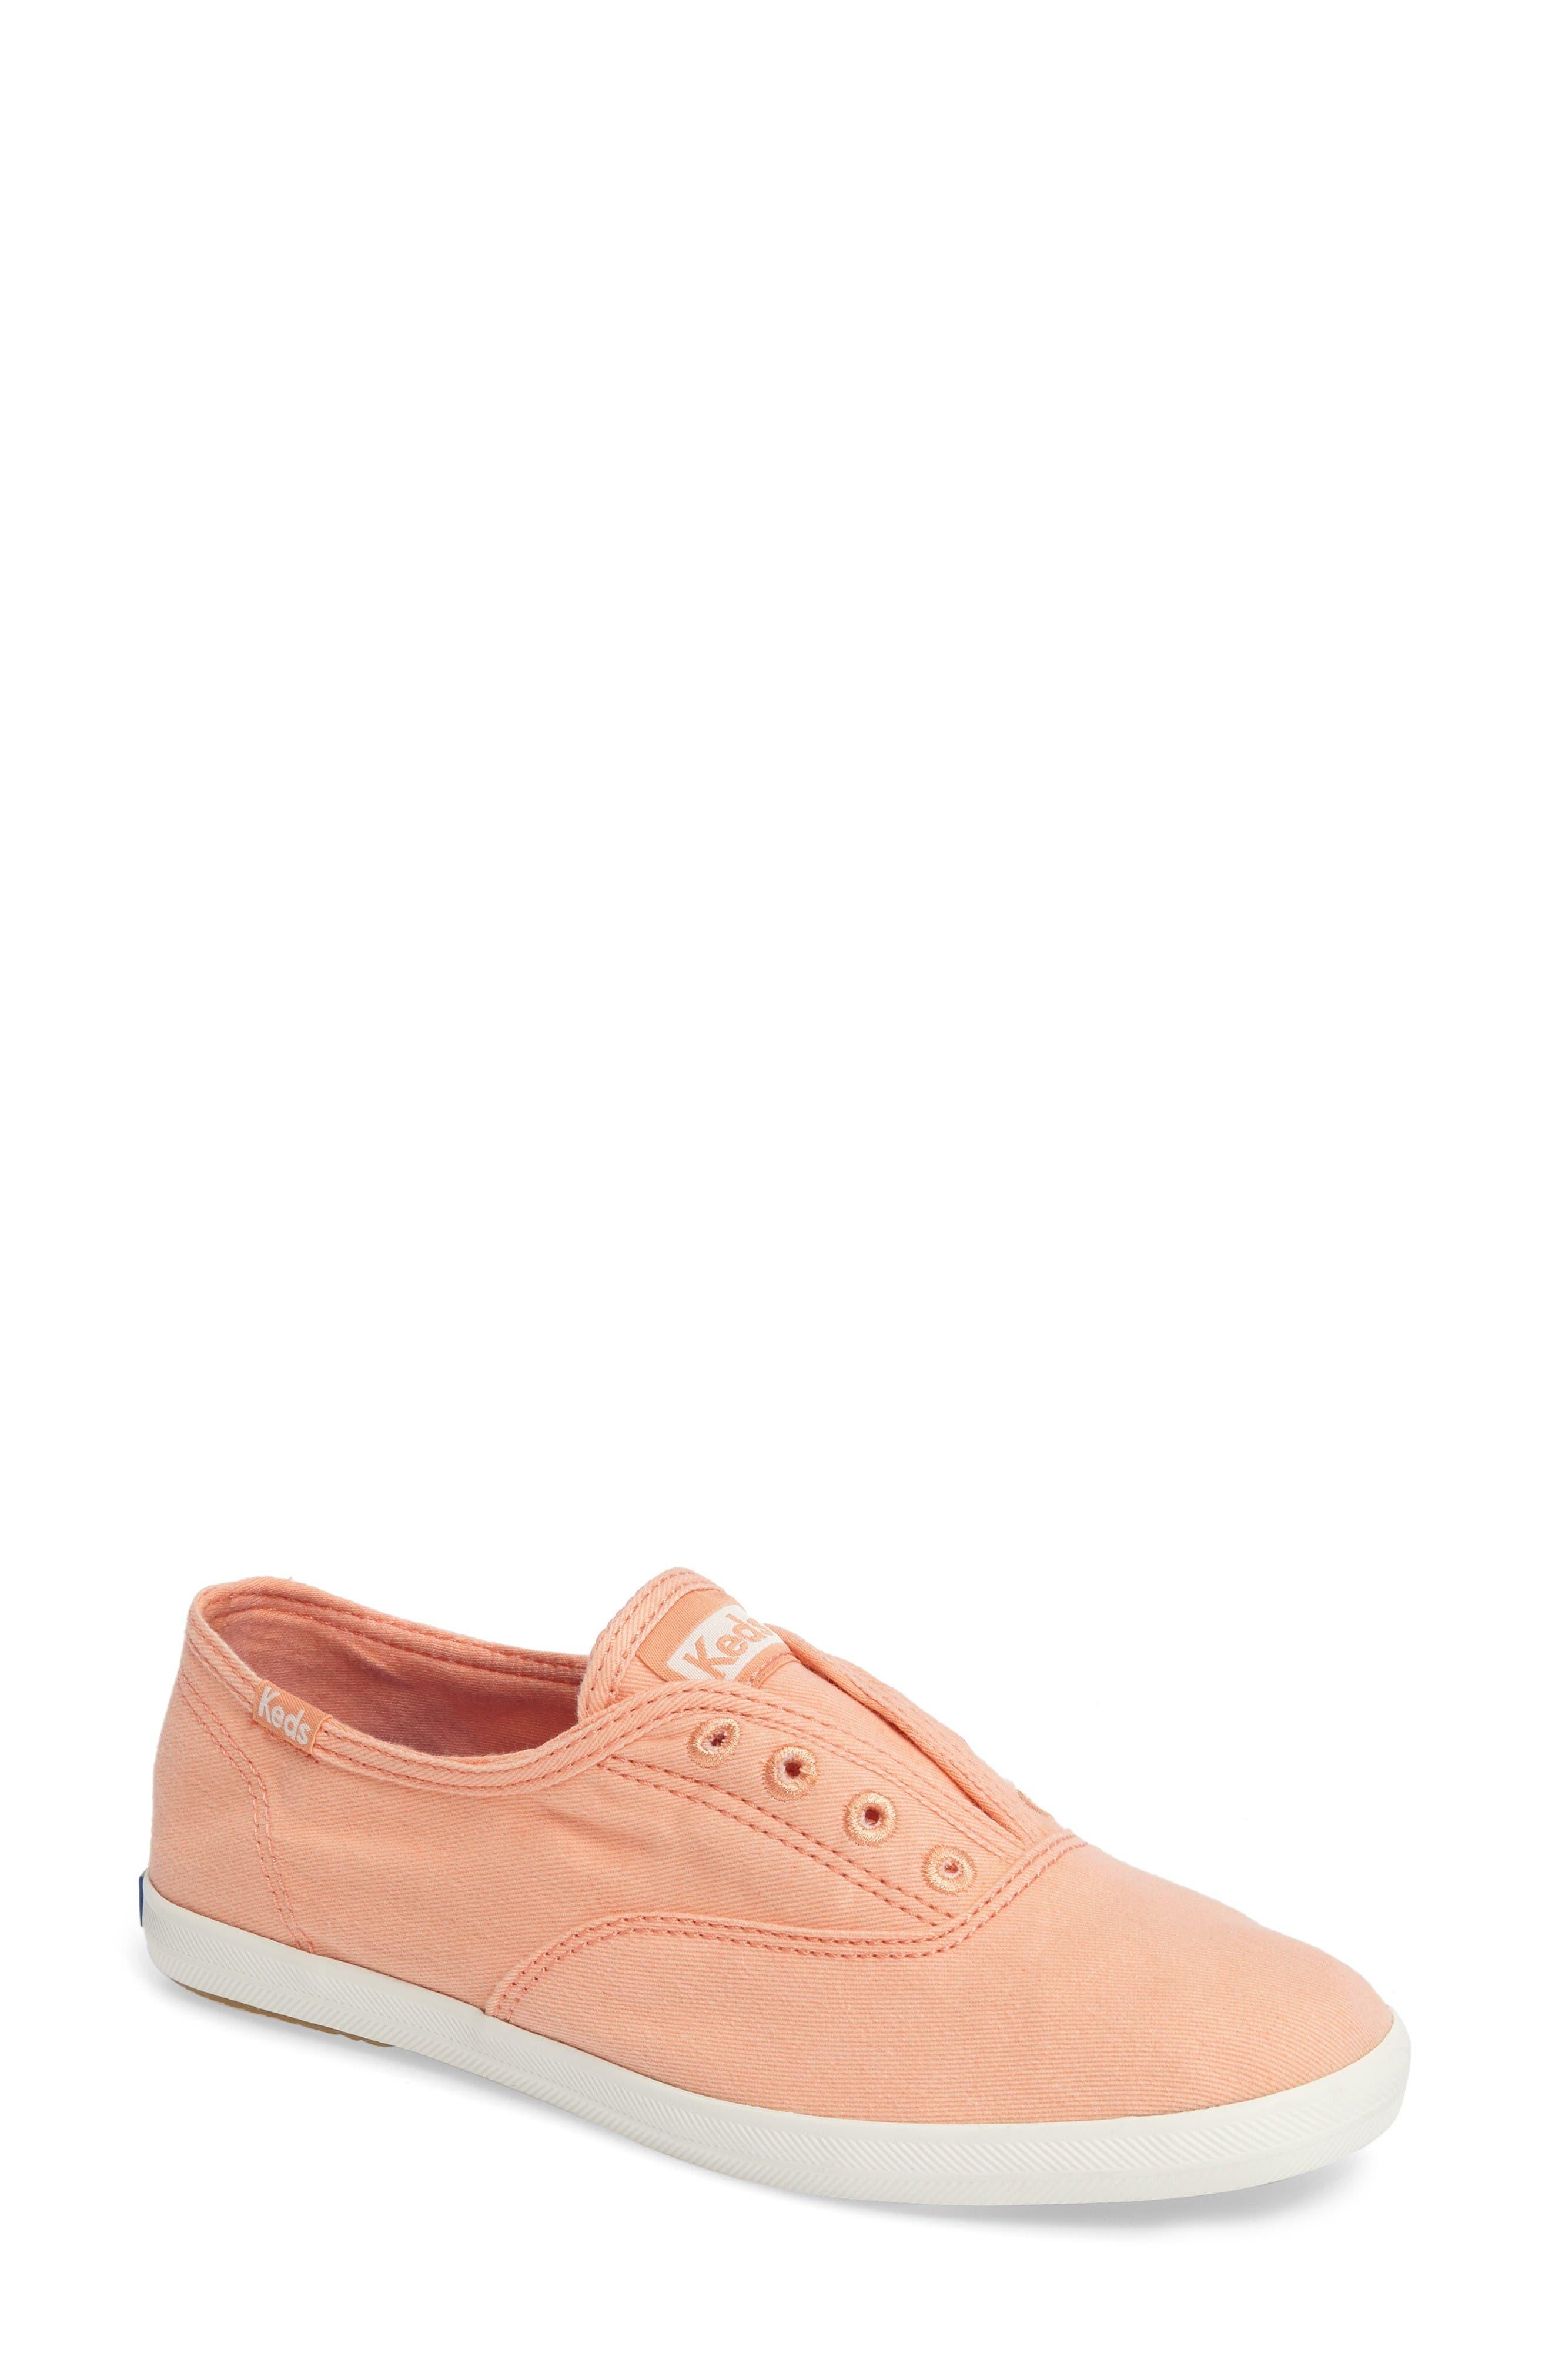 Alternate Image 1 Selected - Keds® 'Chillax' Ripstop Slip-On Sneaker (Women)